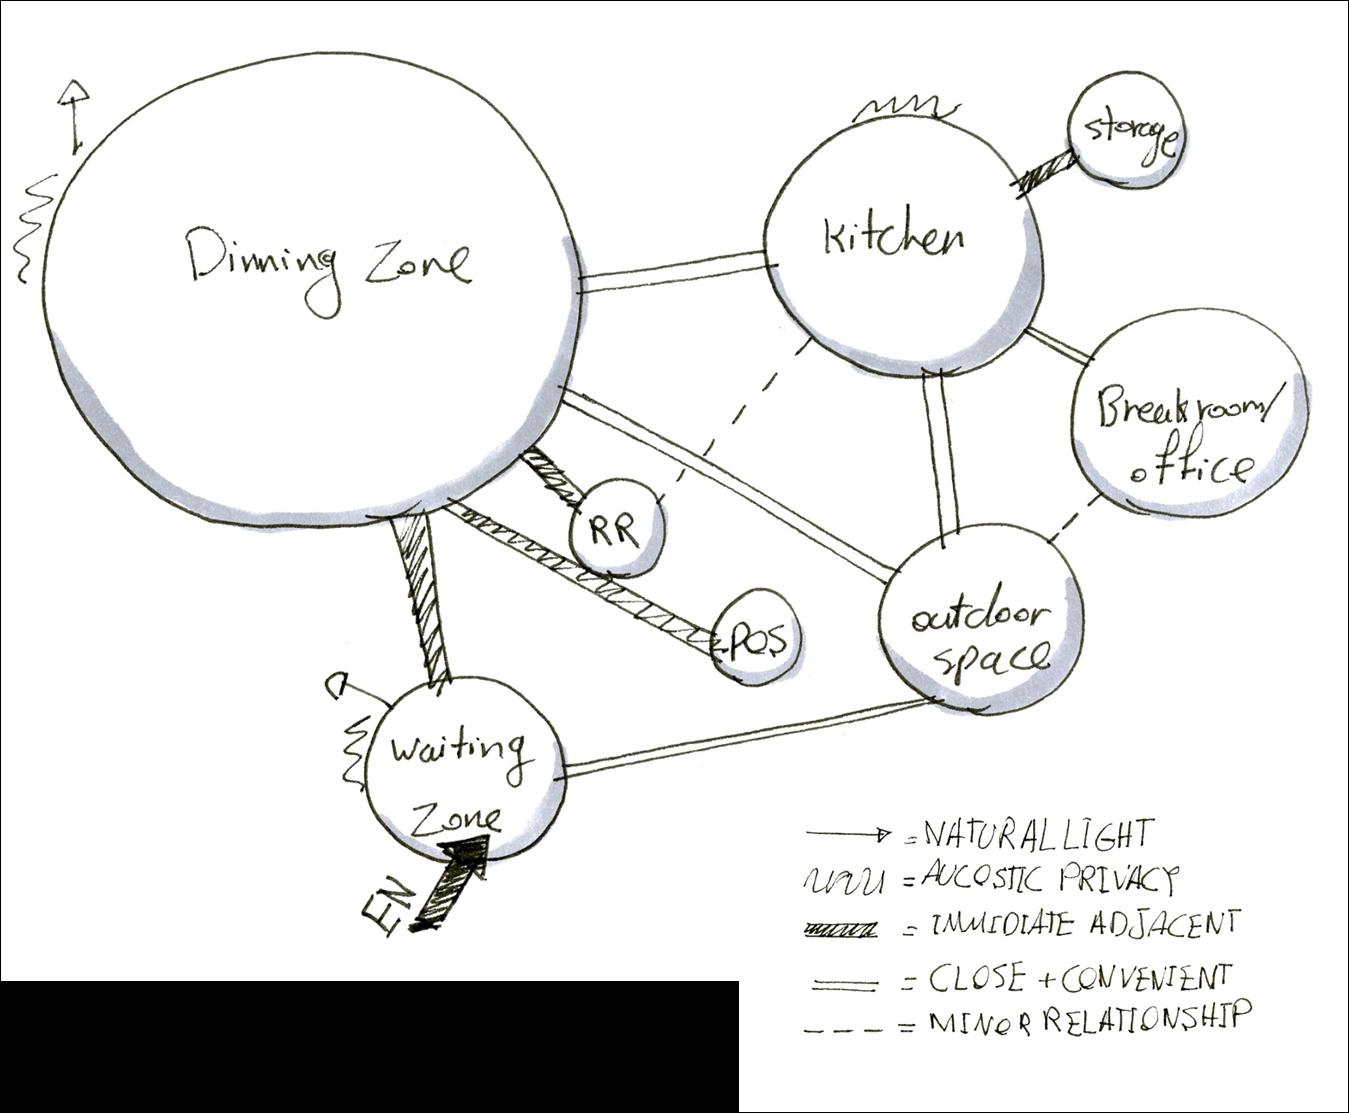 food truck diagram